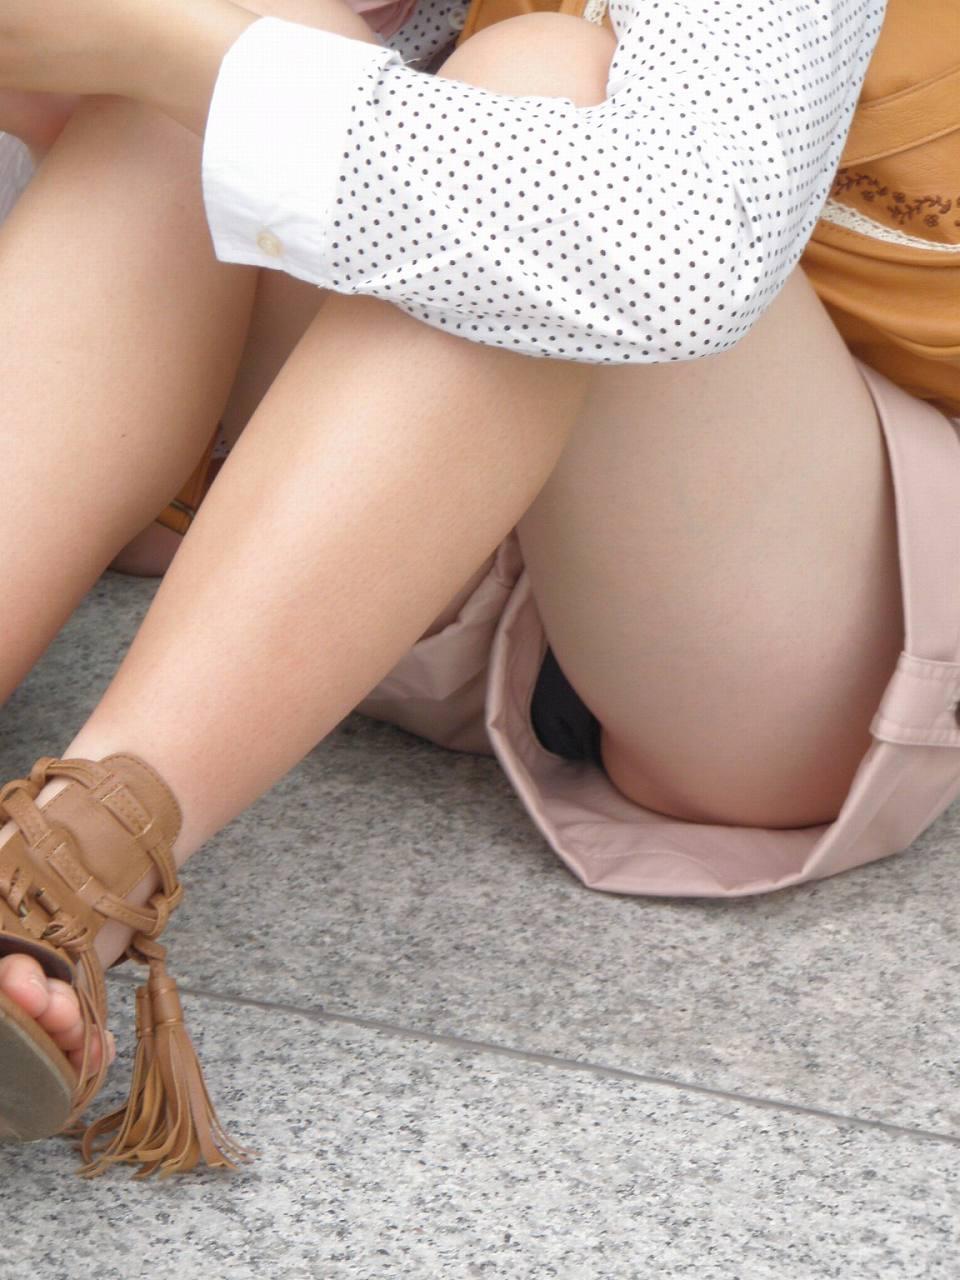 ショートパンツと太腿の間からパンツがチラチラ (15)